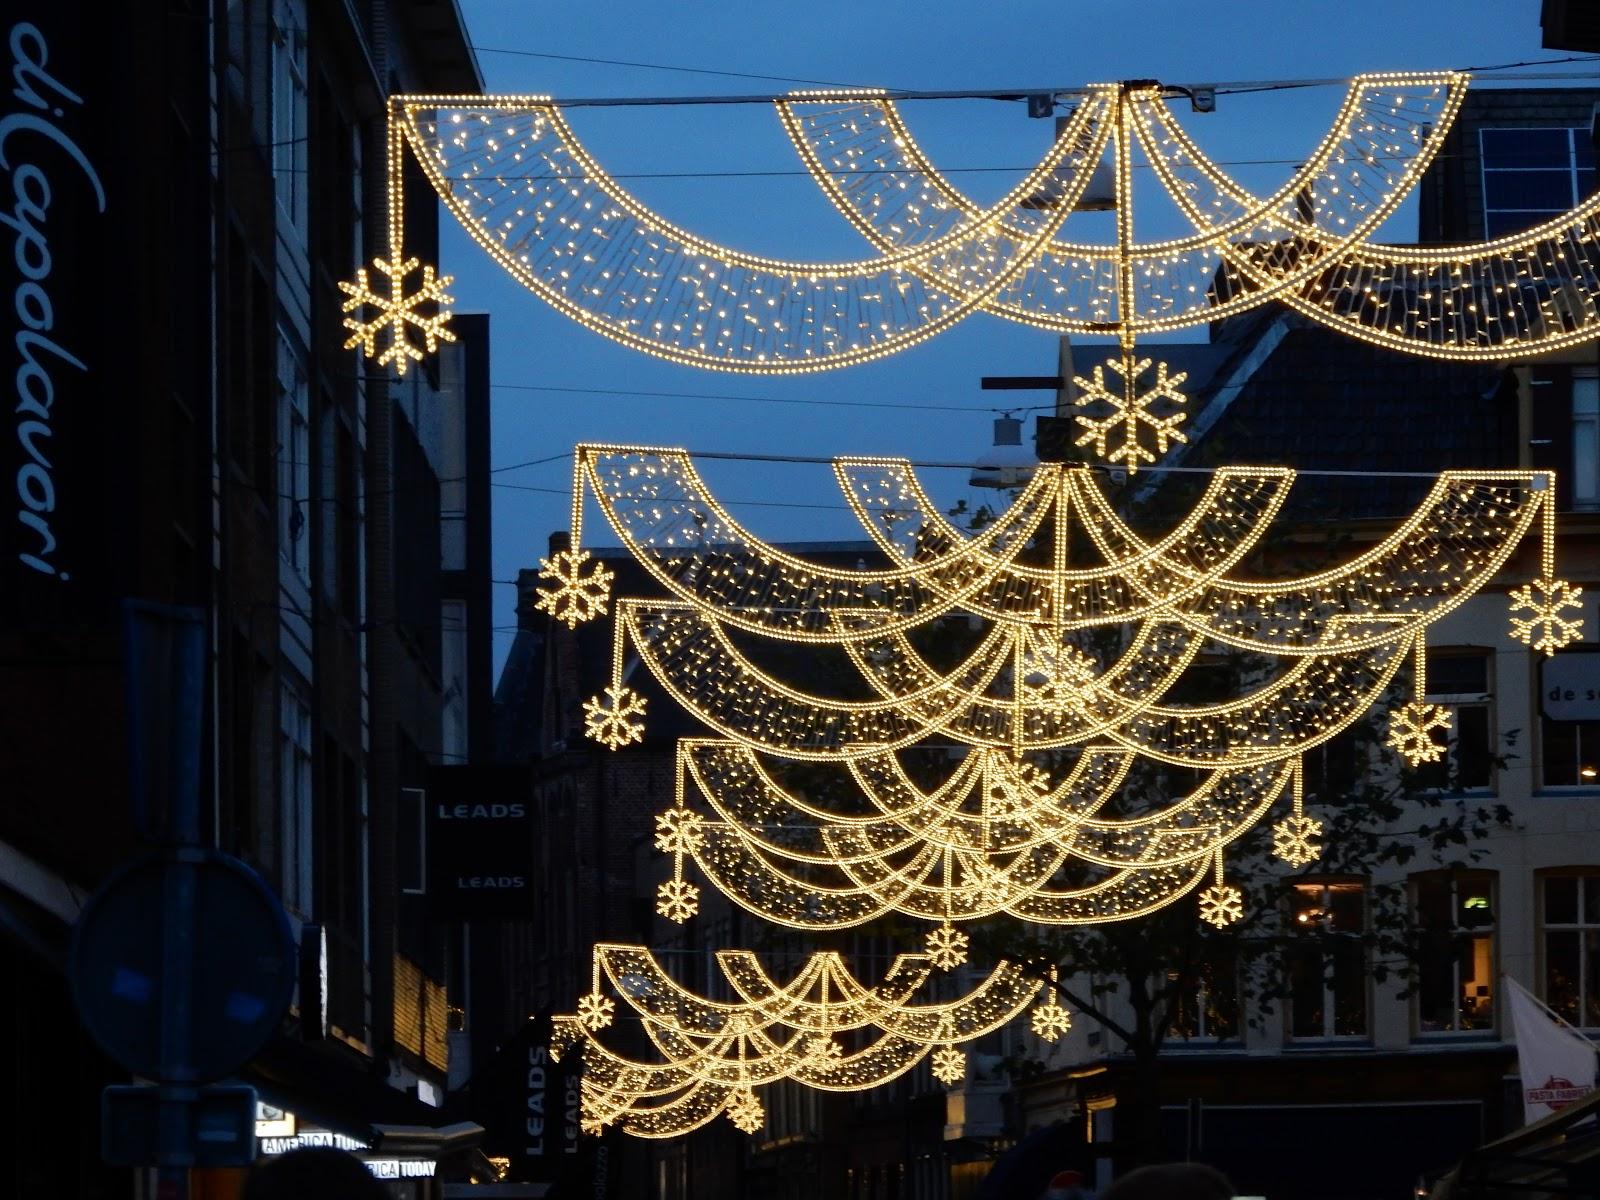 groningen is momenteel weer geheel in feestsfeer de verlichting is weer aangebracht en een diversiteit van verlichting van straat naar straat in de